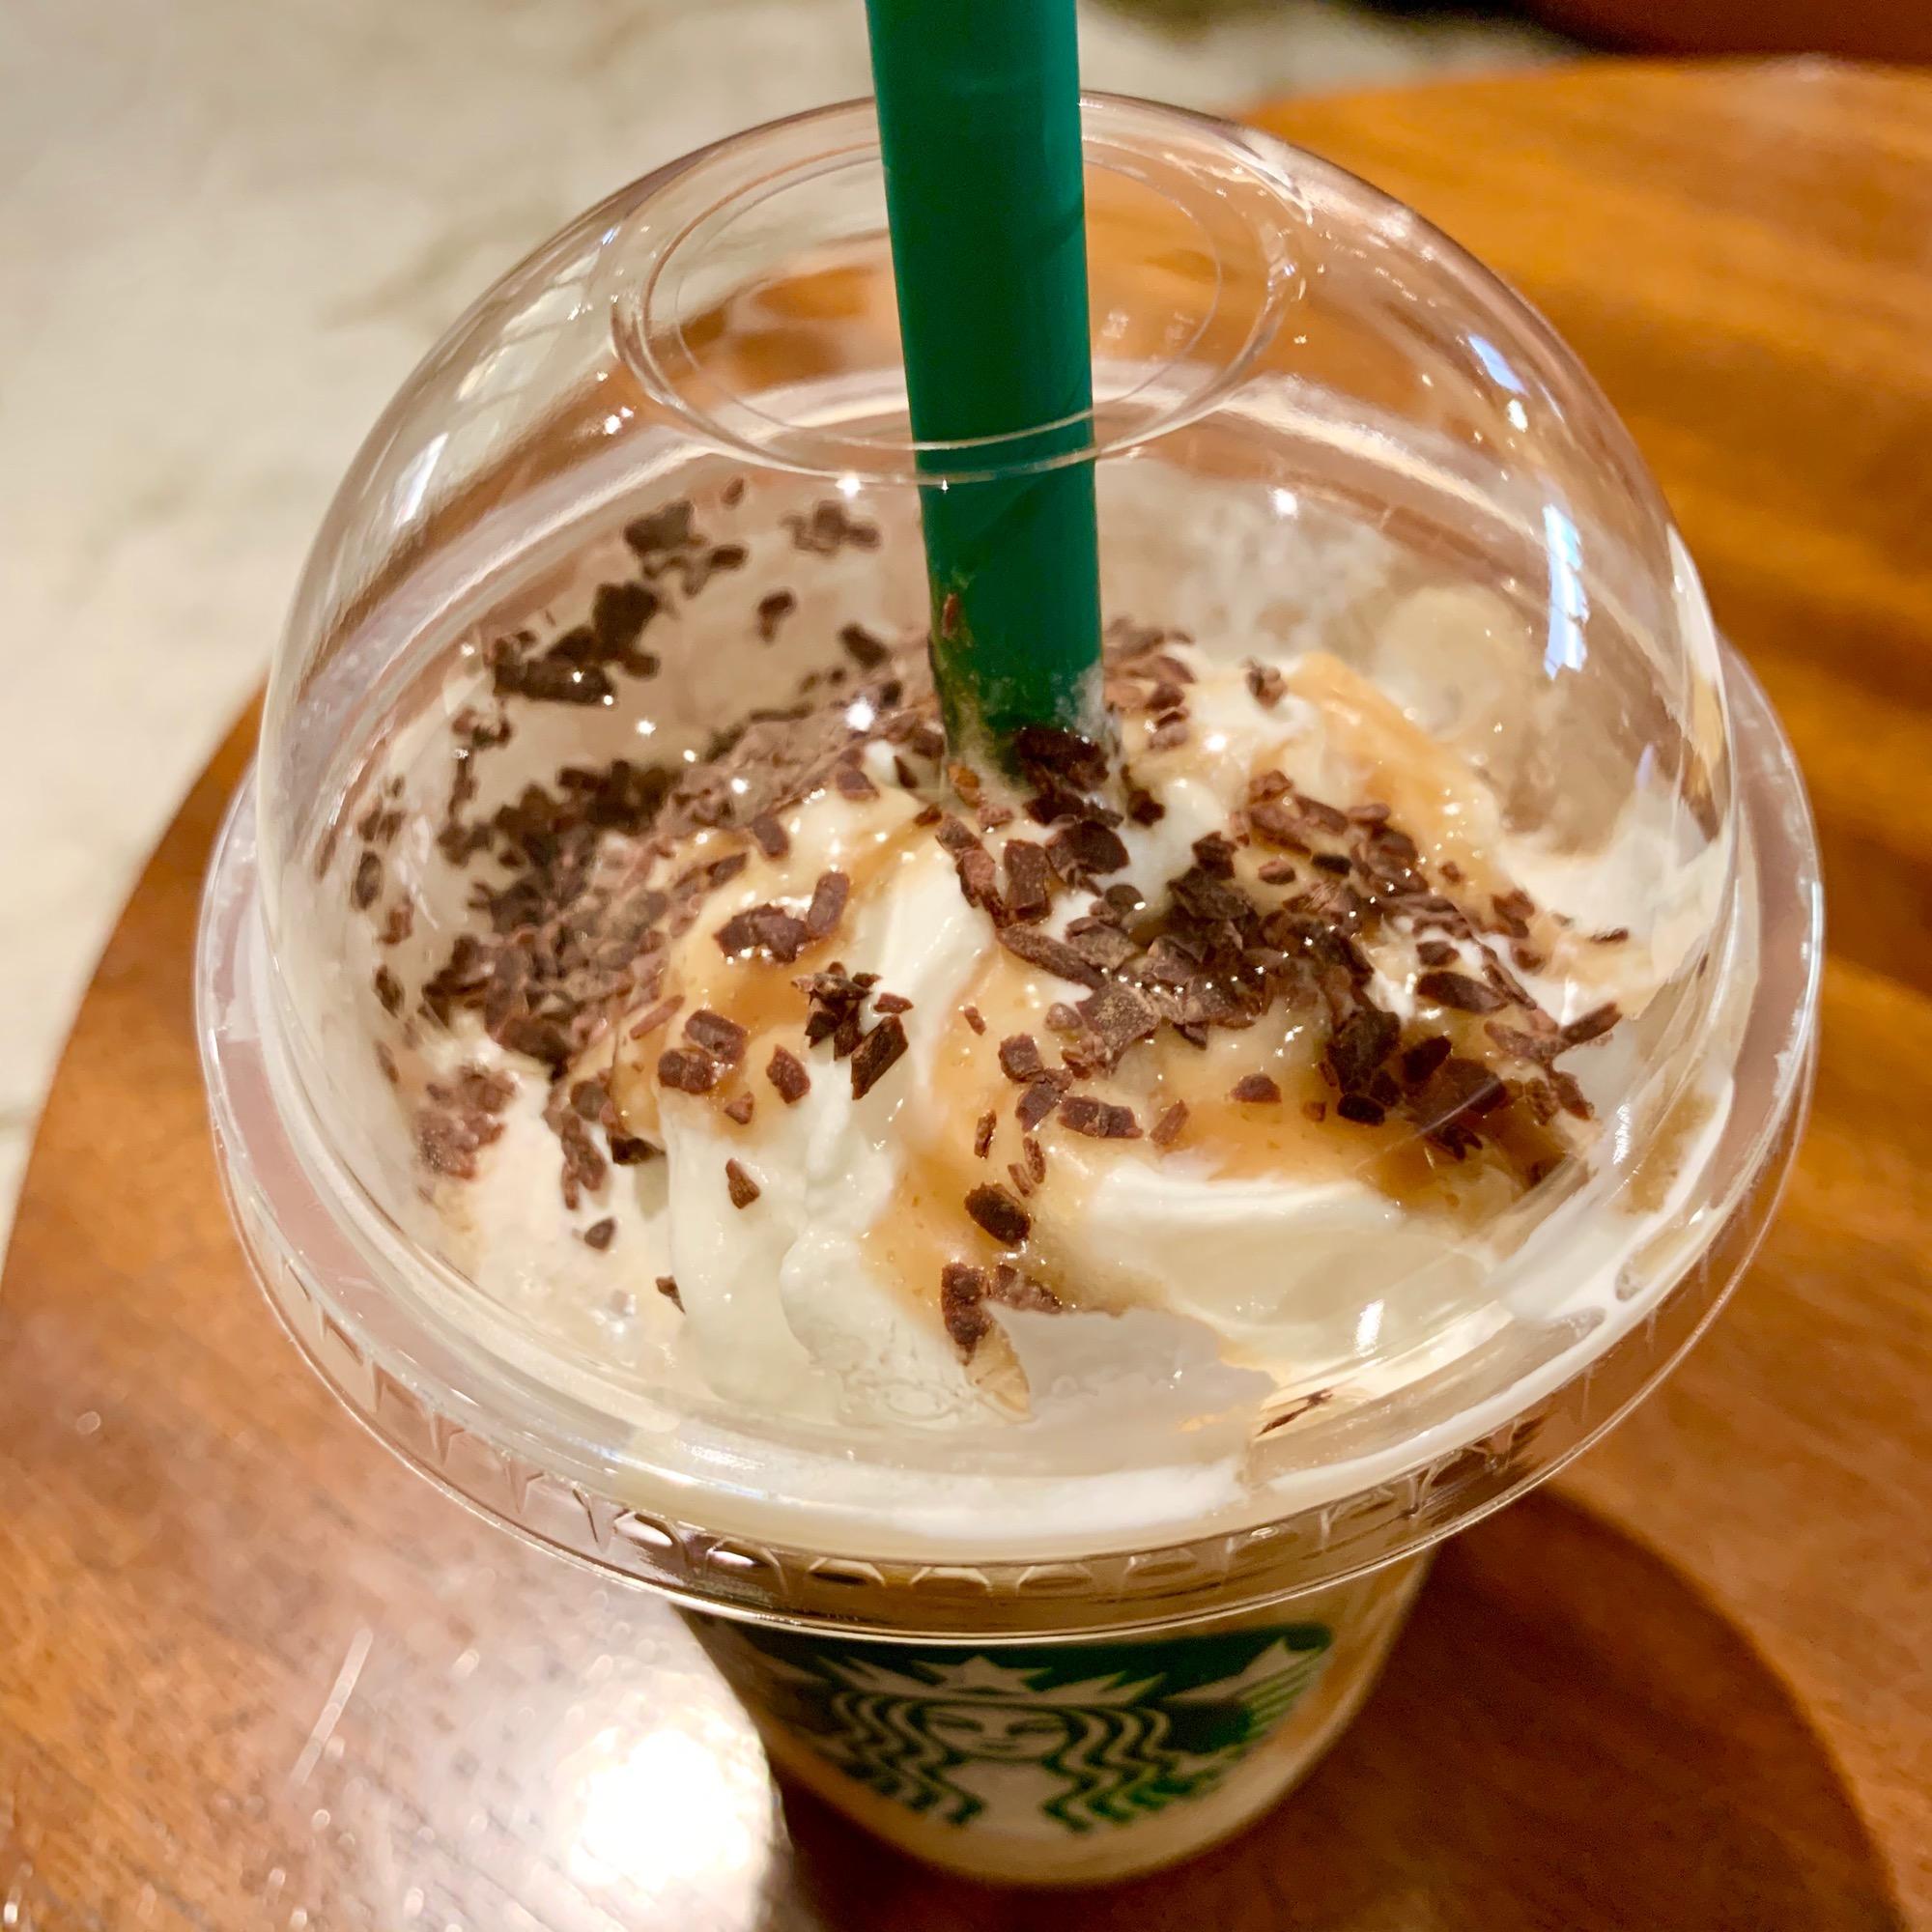 《栗まるごとのおいしさ❤️》本日発売!【スタバ】チョコレートマロンフラペチーノを最速レポ☝︎❤︎_3